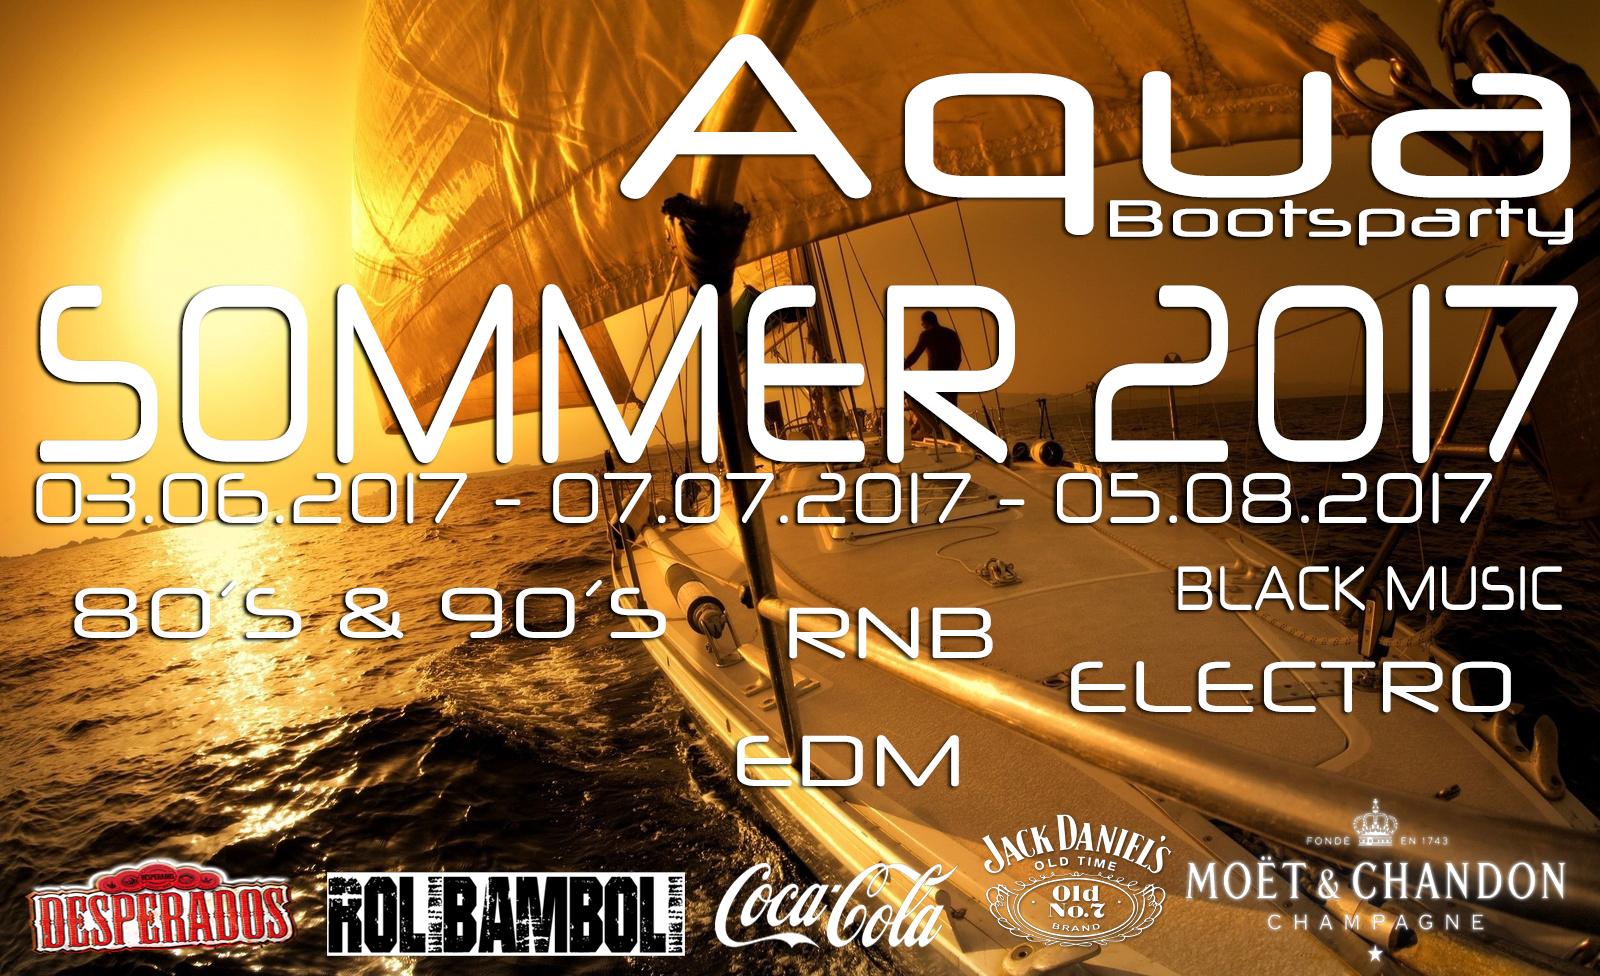 AQUA Bootsparty Berlin 07.07.2017